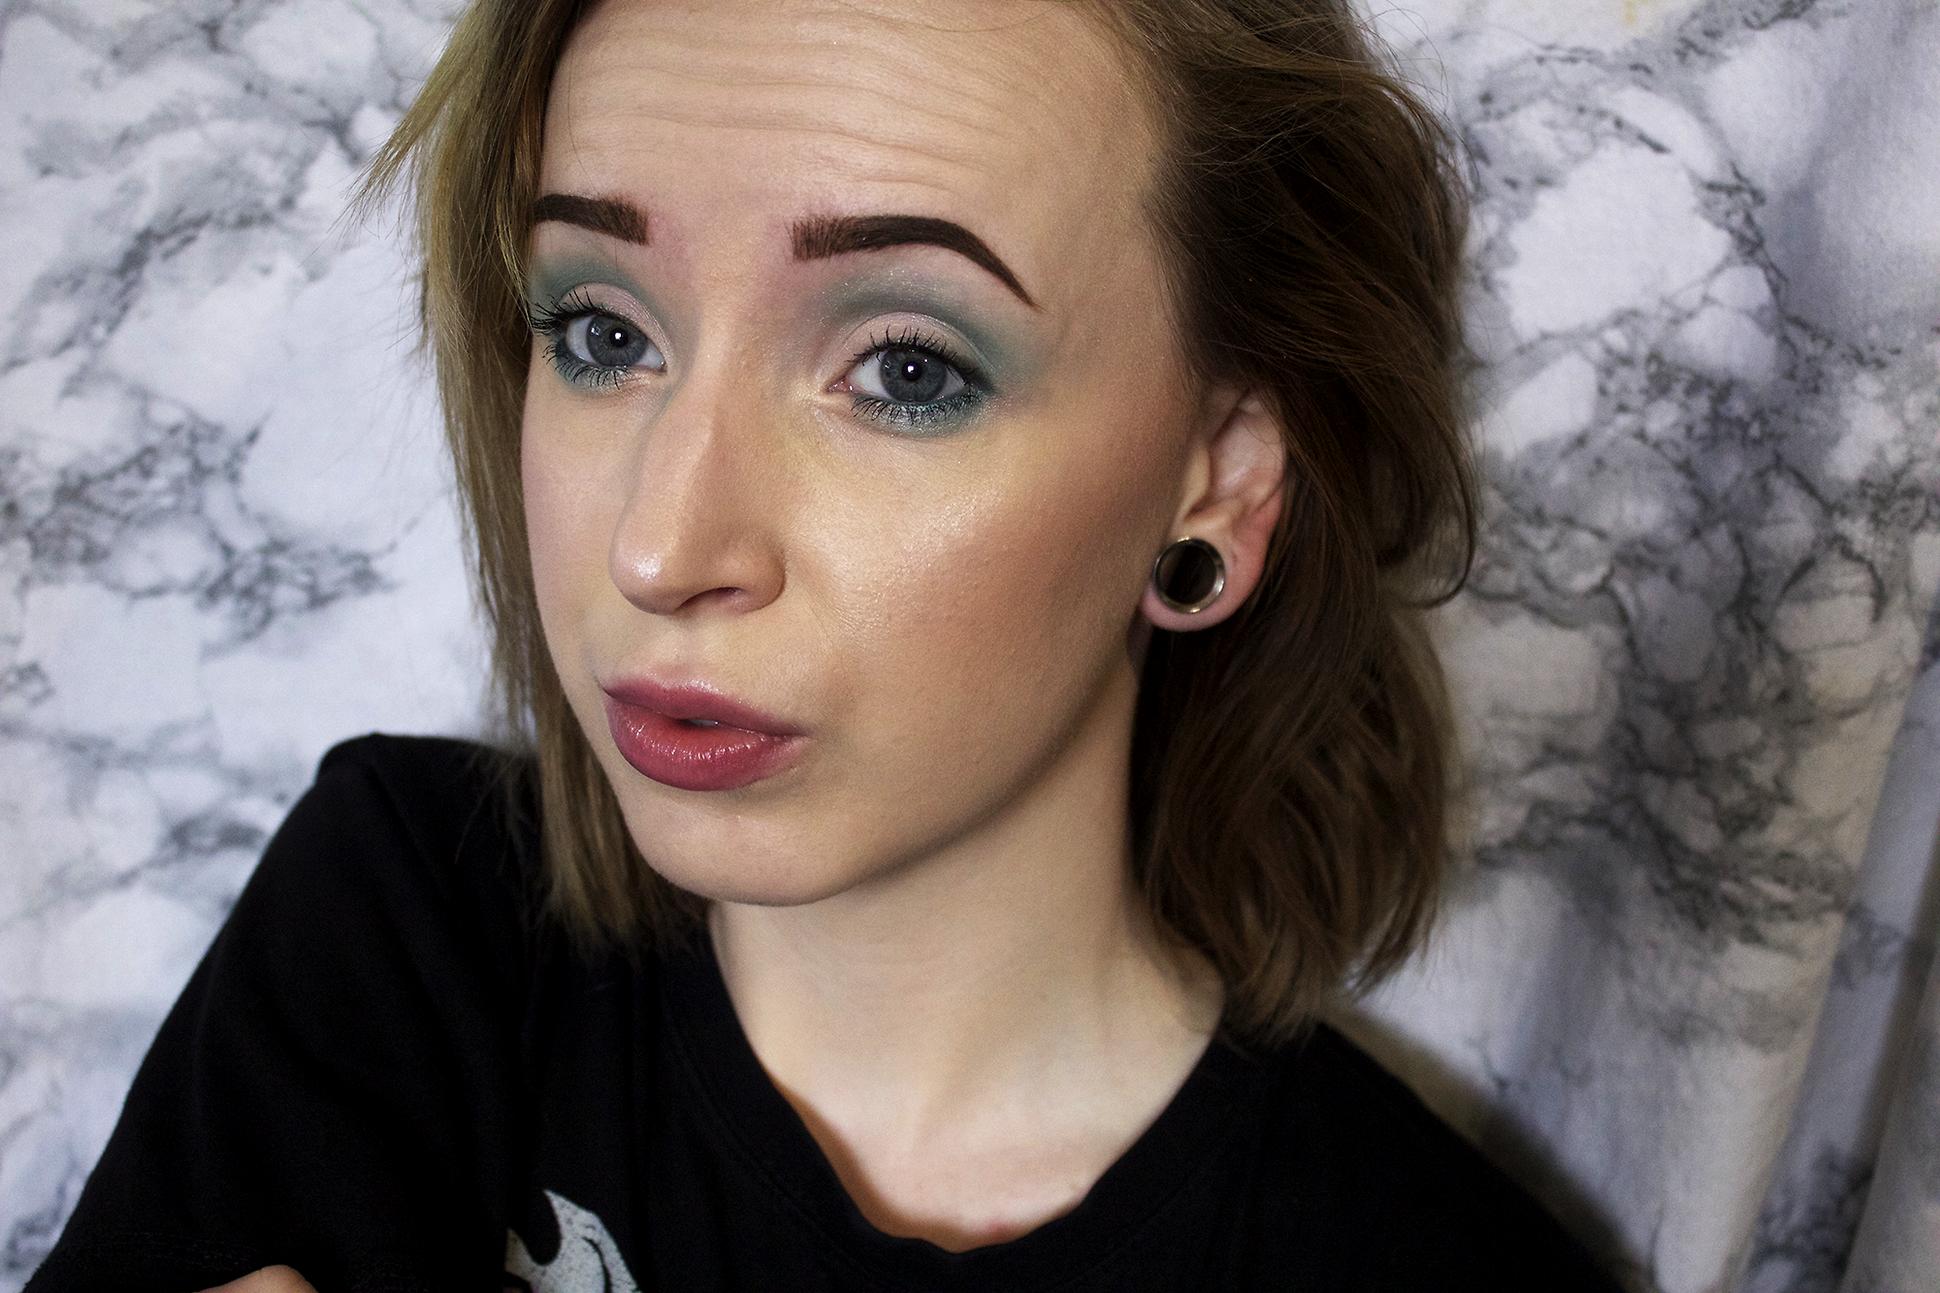 Makeup look: Aqua